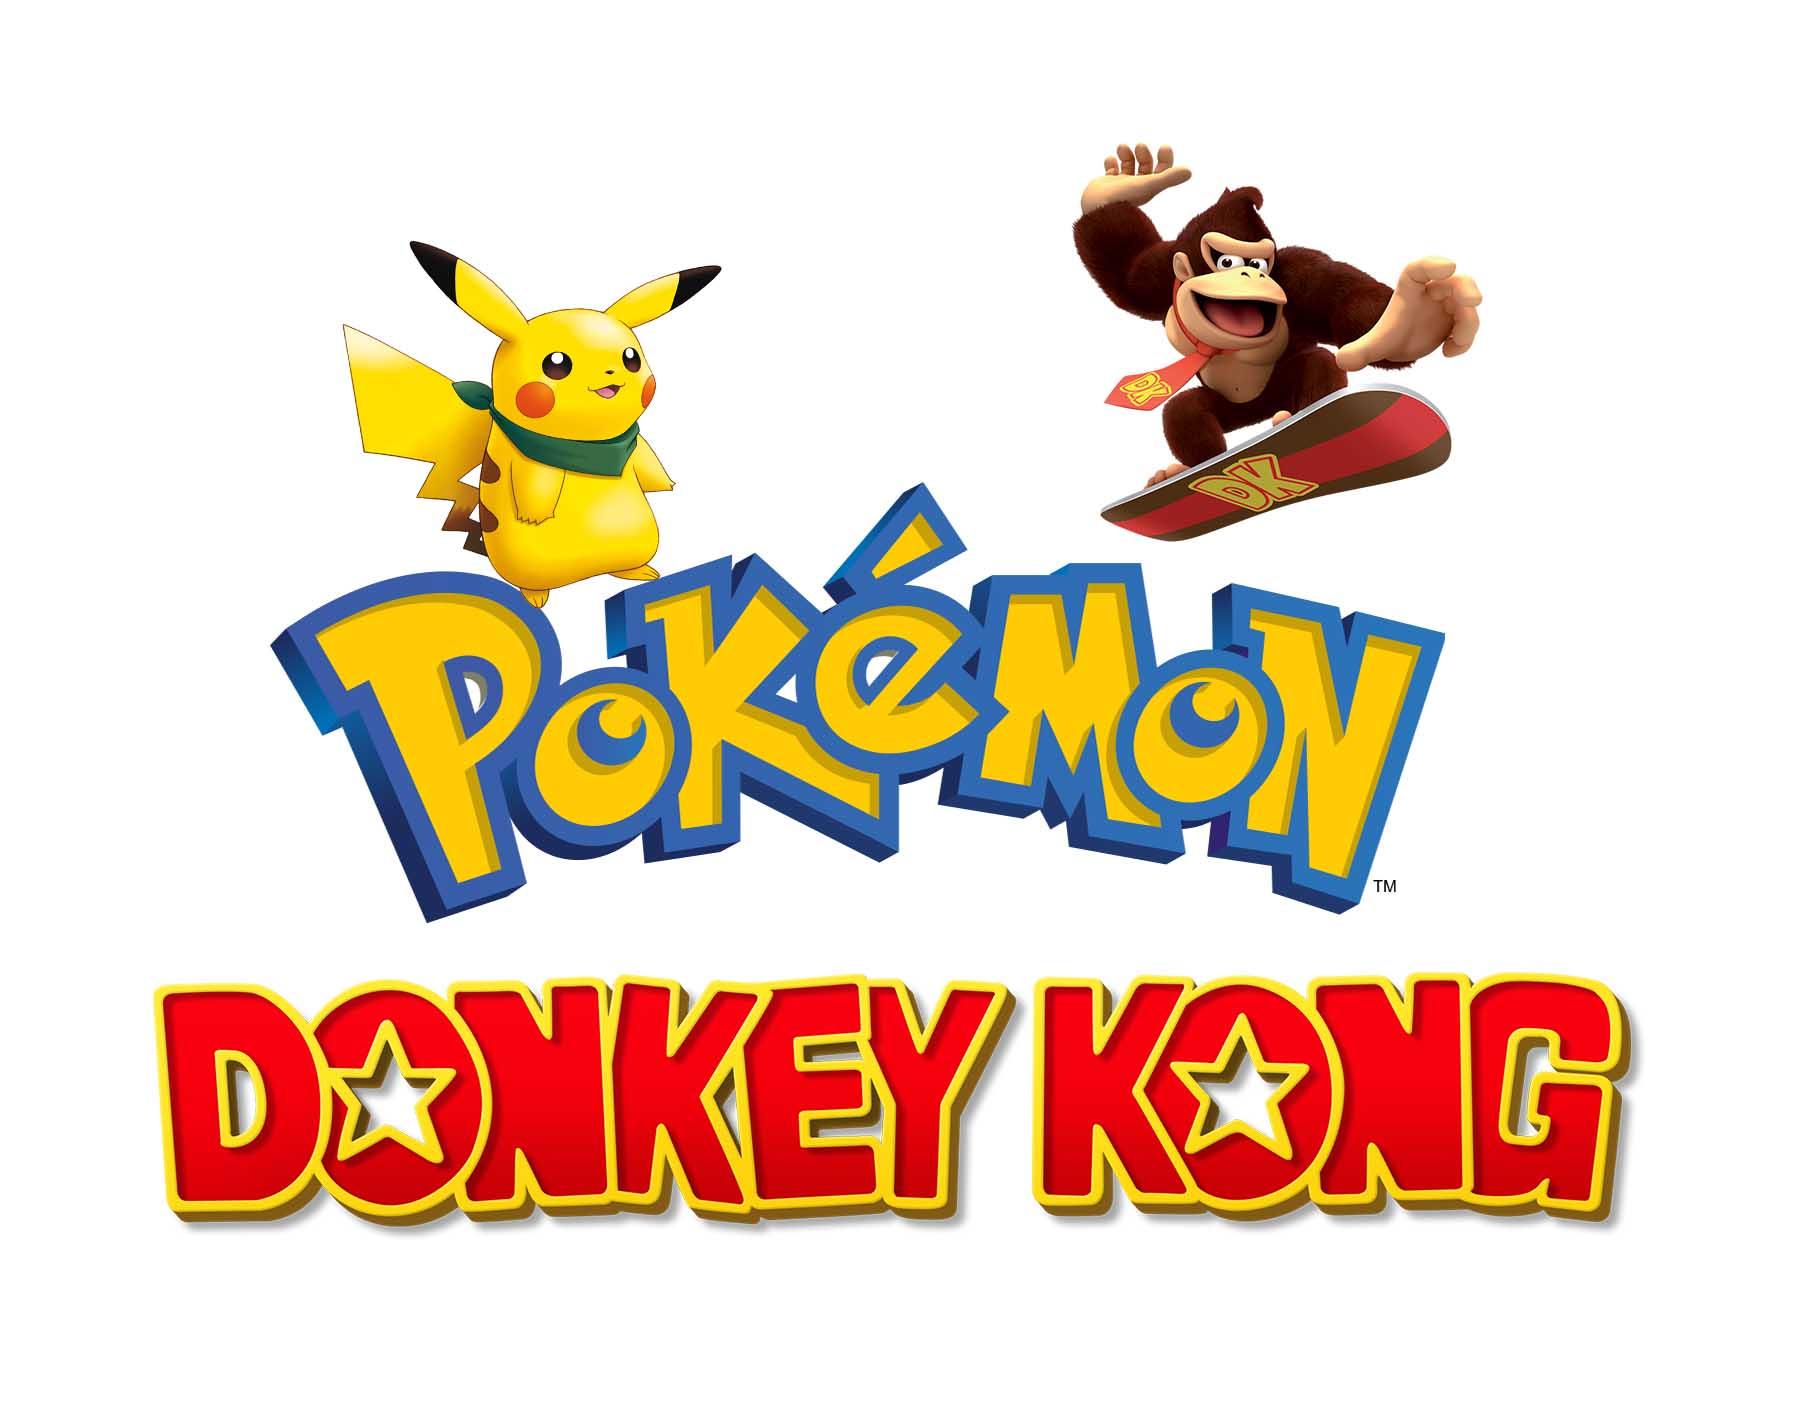 Pokemon & Donkey Kong